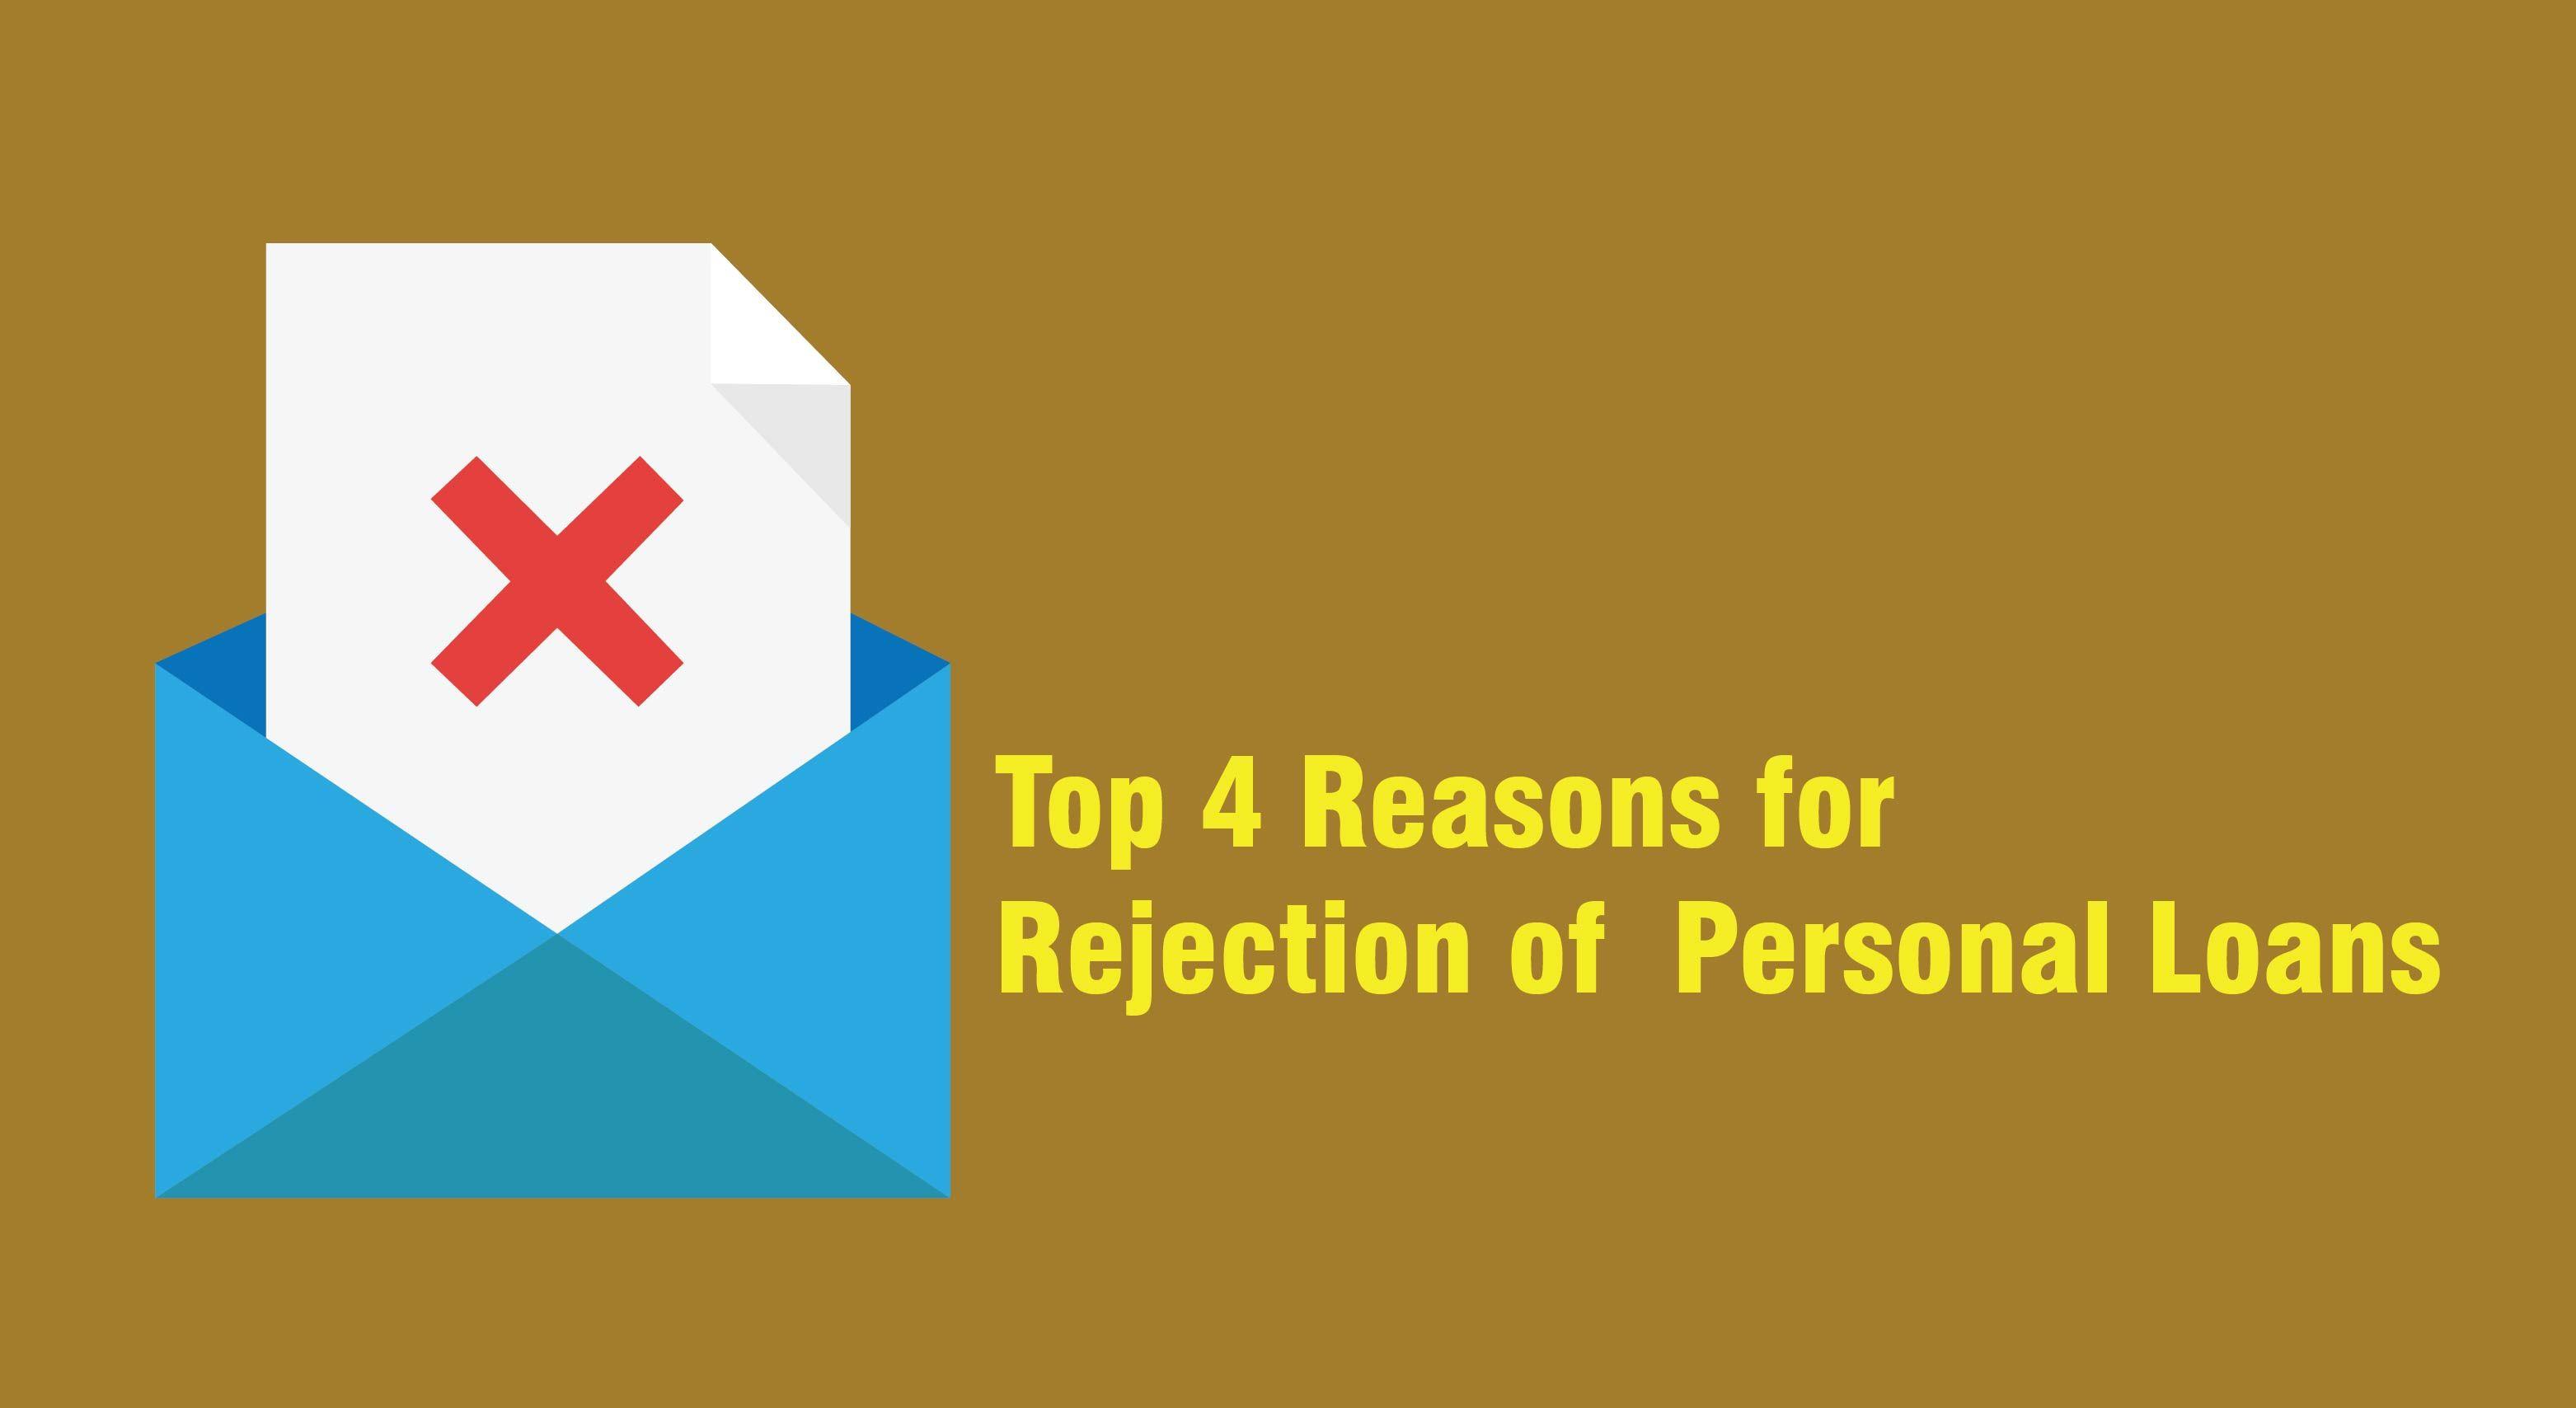 Top 4 Reasons For Rejection Of Personal Loans Iservefinancial Fintech Personalloan Loan Lowerinterestrates India Pune De Personal Loans Rejection Loan